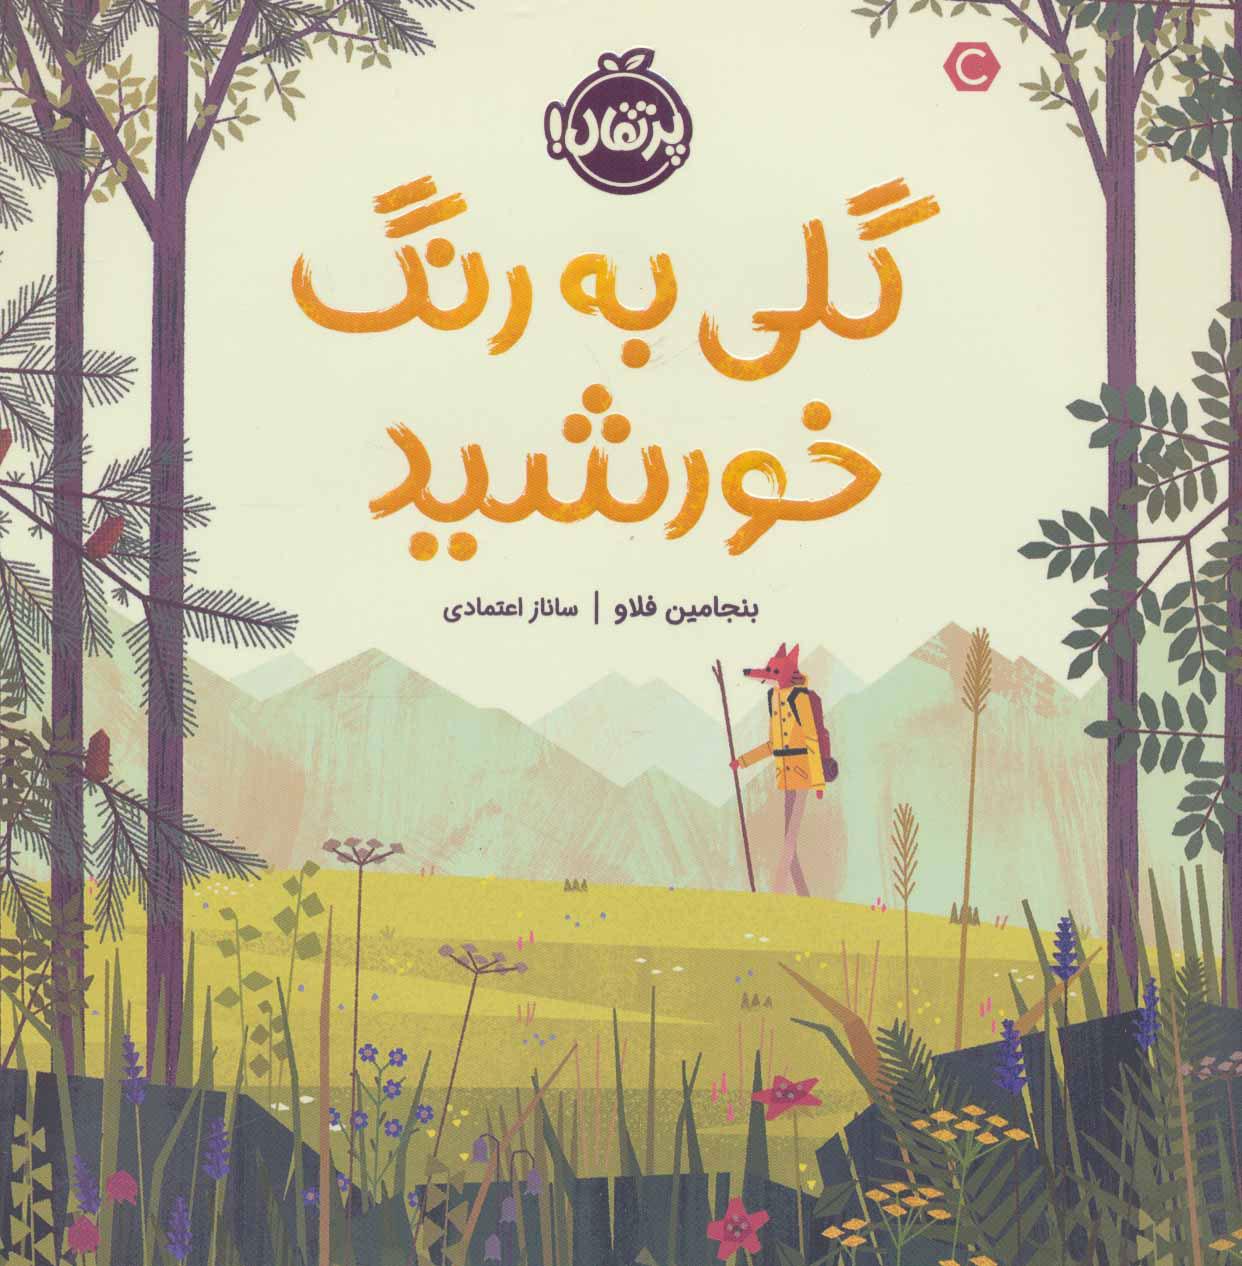 کتاب گلی به رنگ خورشید